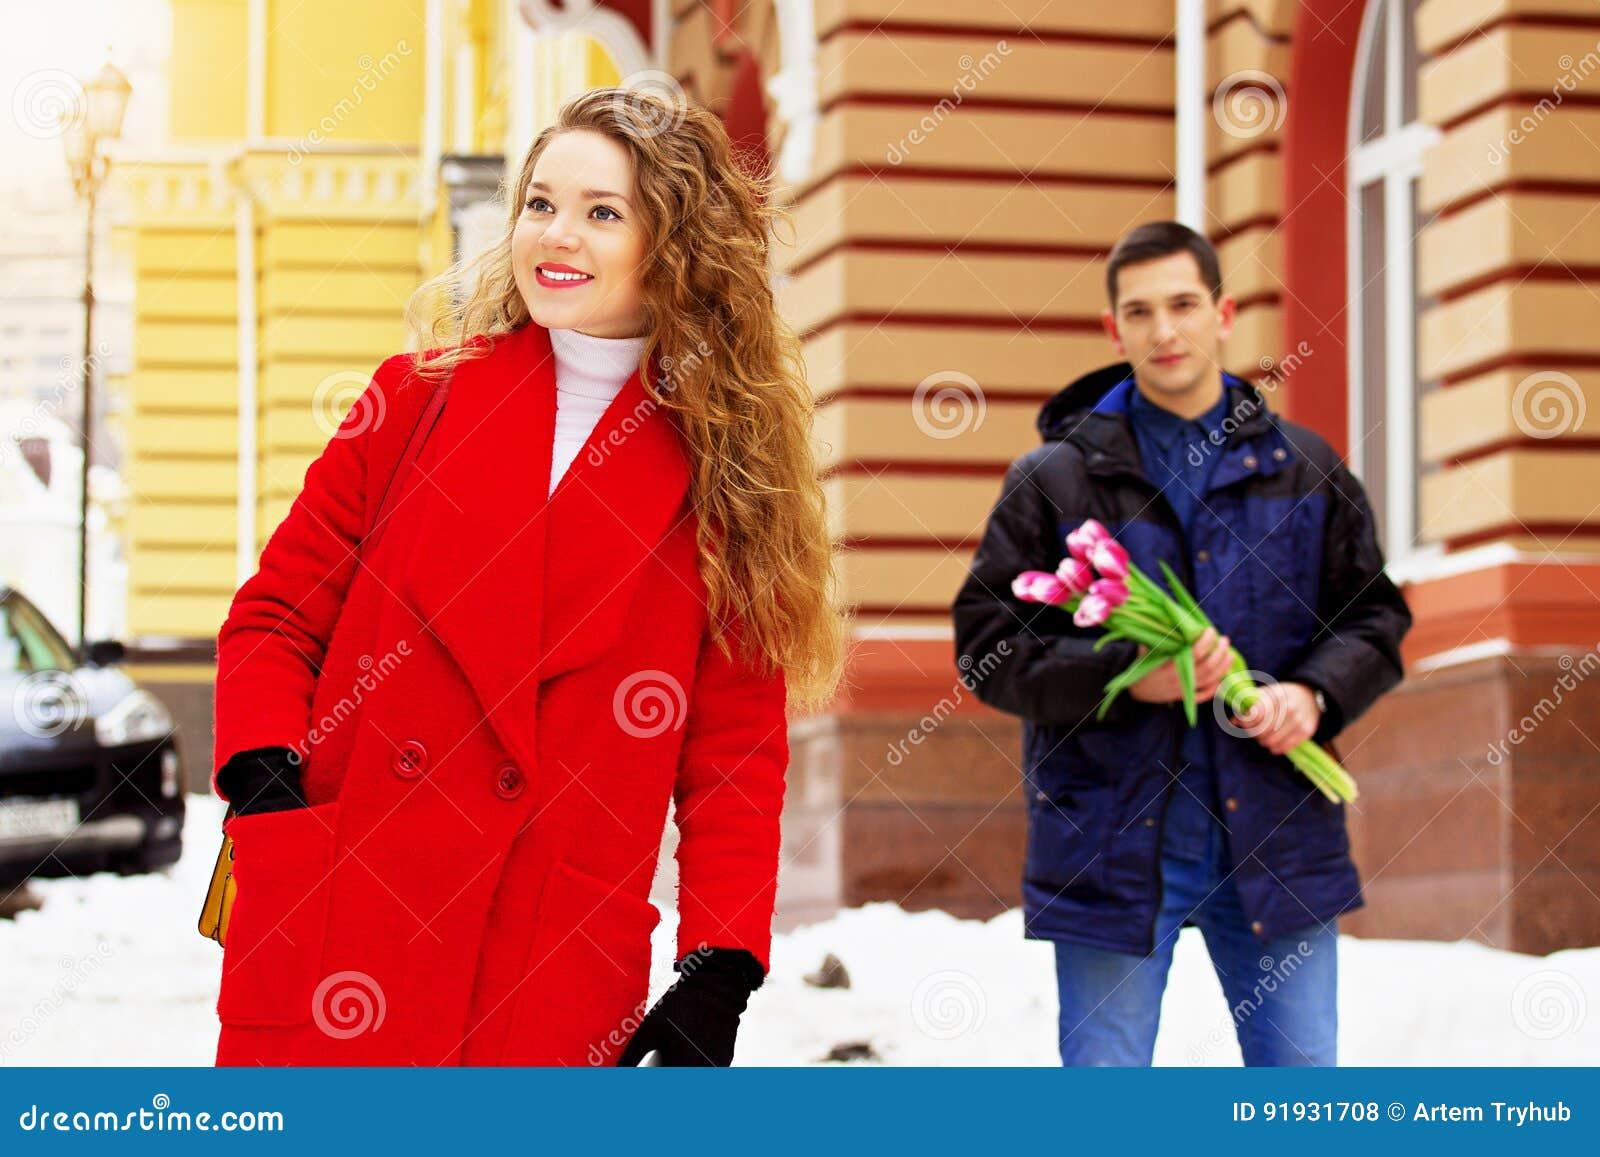 девушка ждала парня с работы